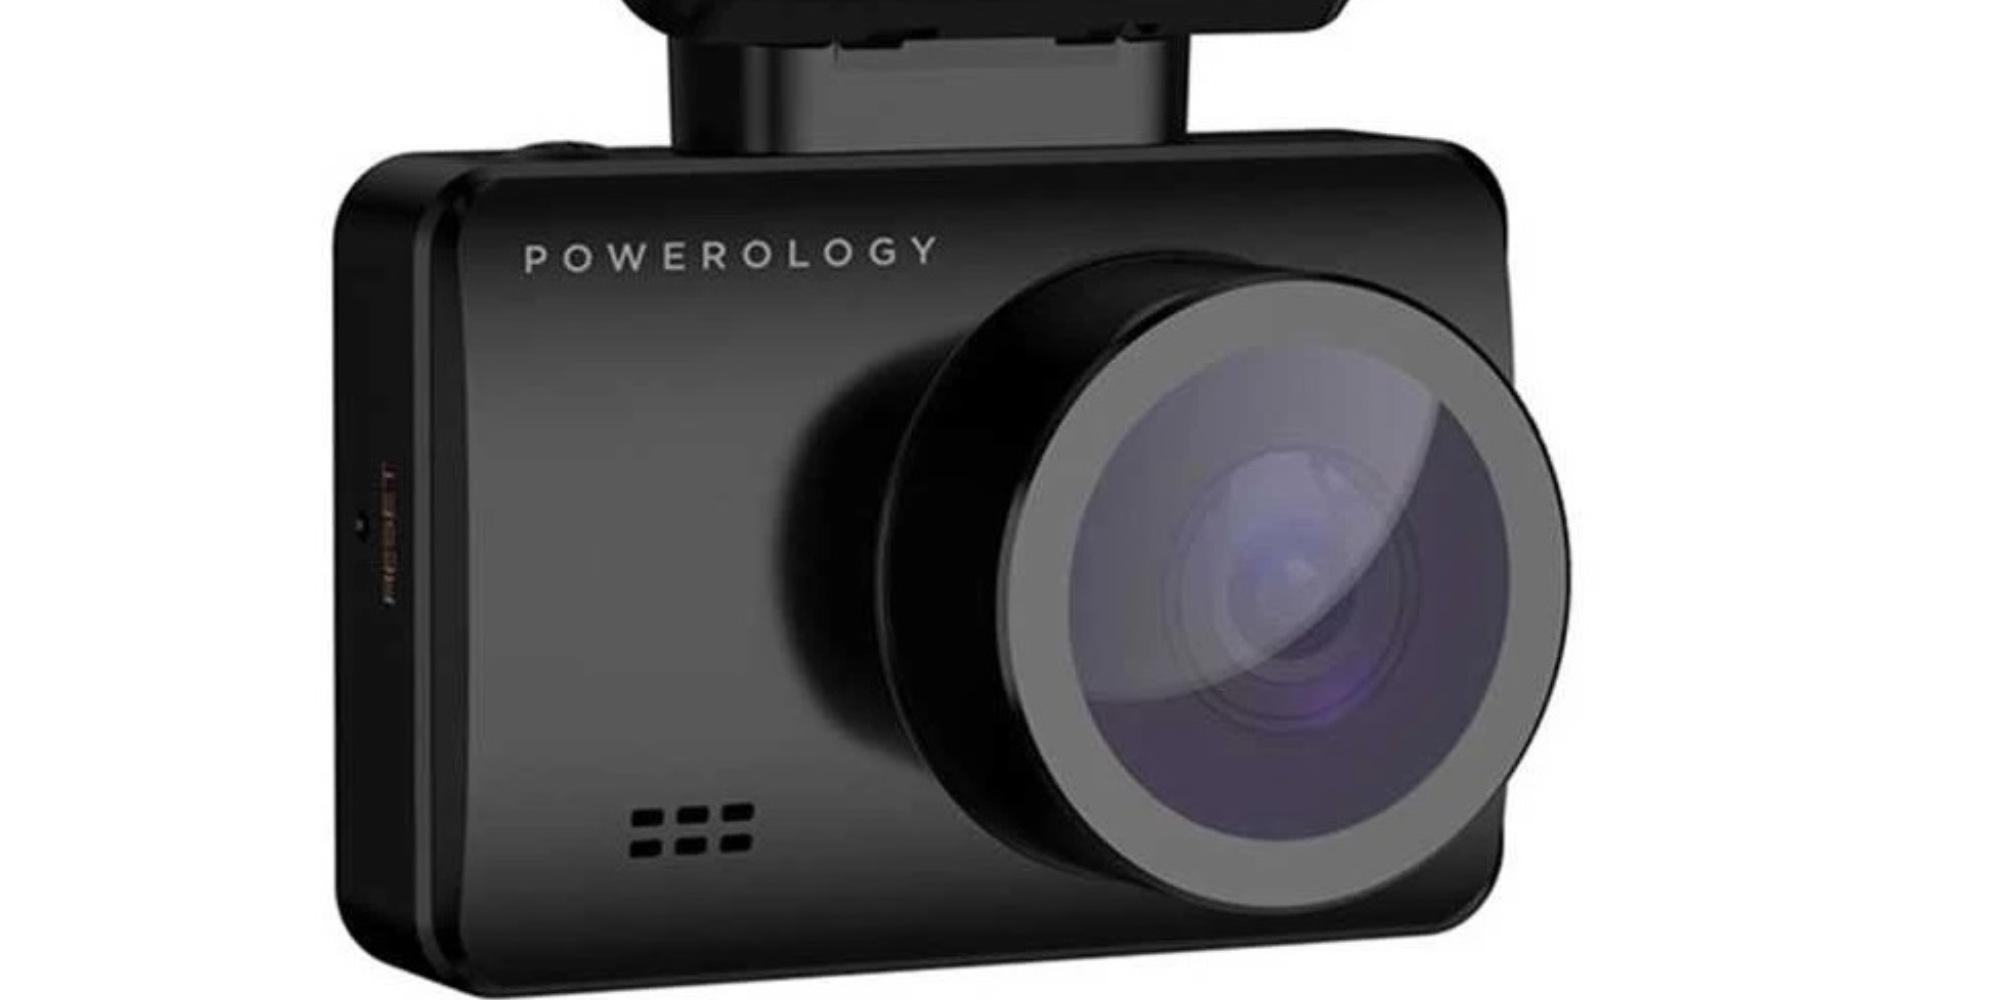 كاميرا مراقبة ذكية من بورولوجي